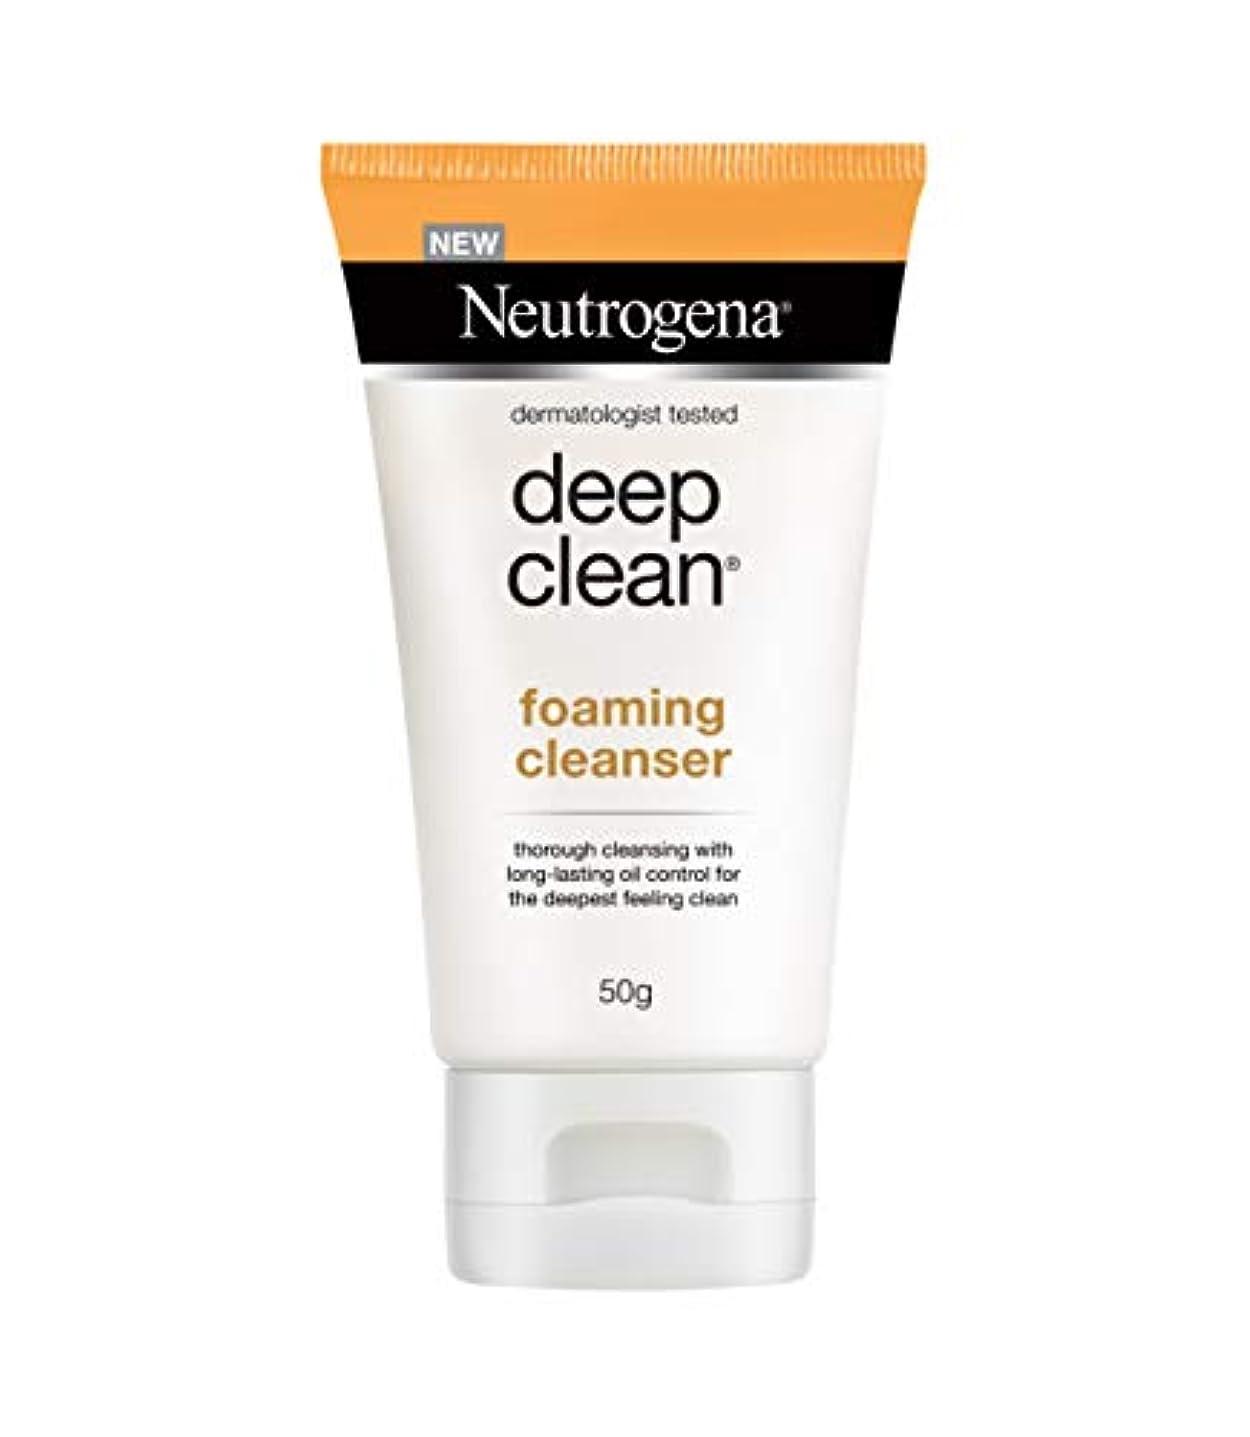 契約するメイド証言Neutrogena Deep Clean Foaming Cleanser, 50g